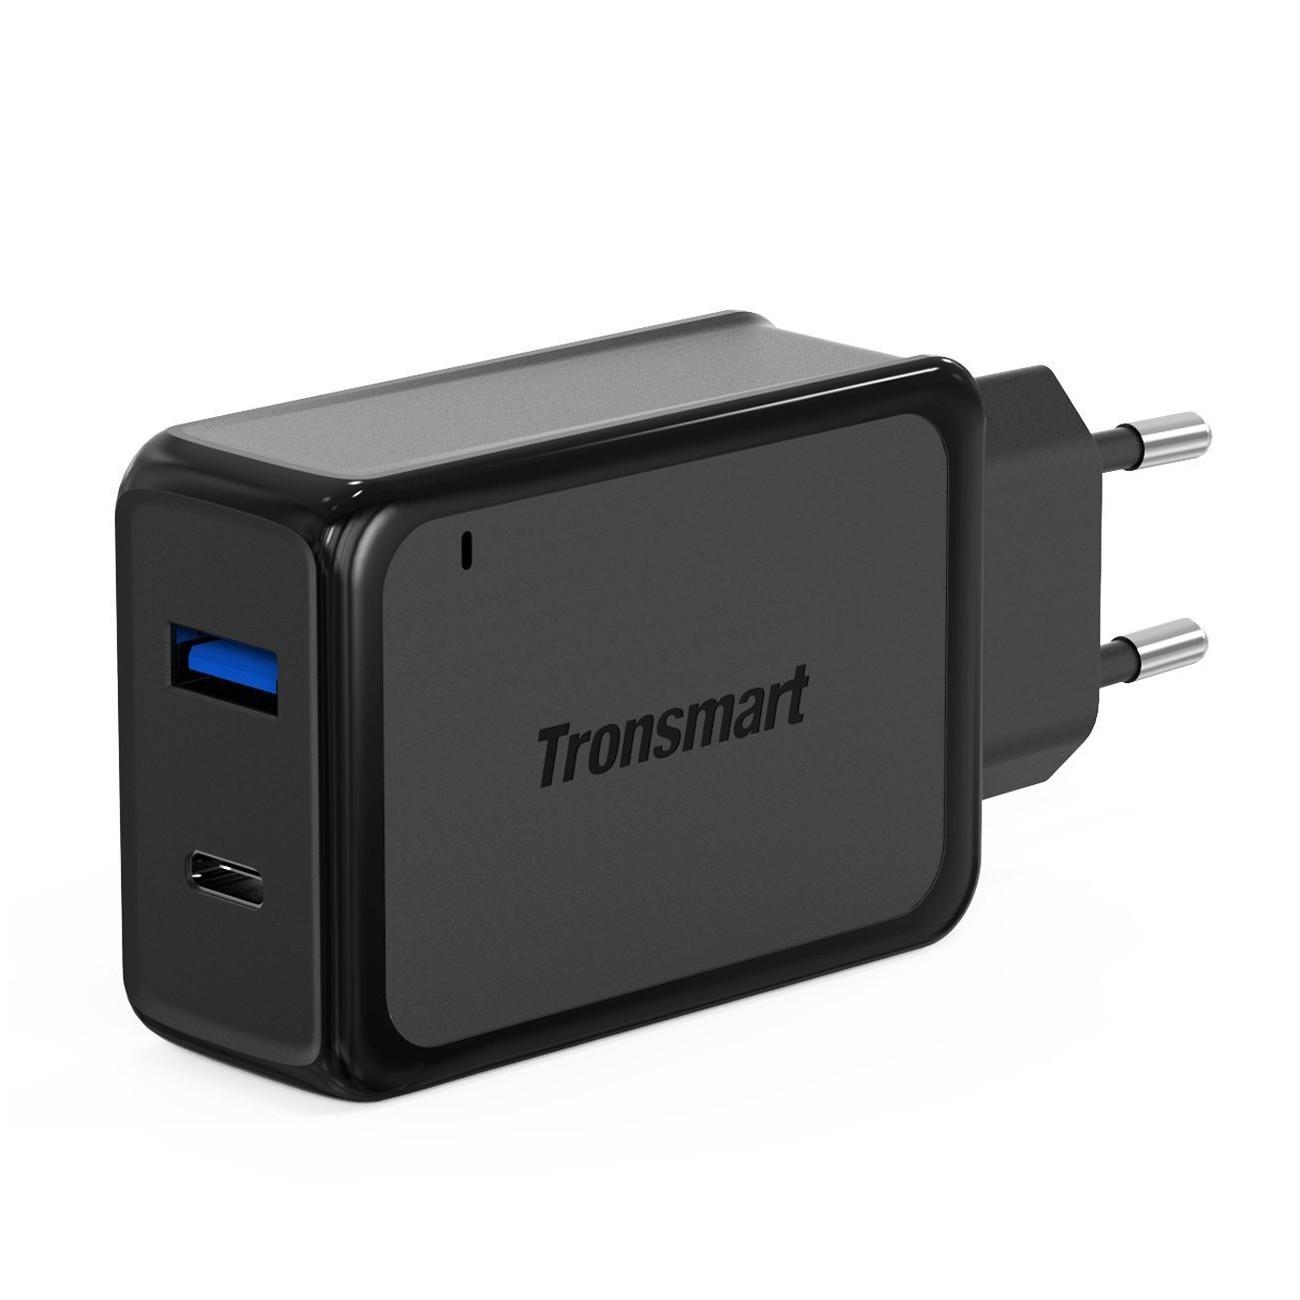 Nabíječka Tronsmart Quick Charge 3.0 s USB a USB-C porty